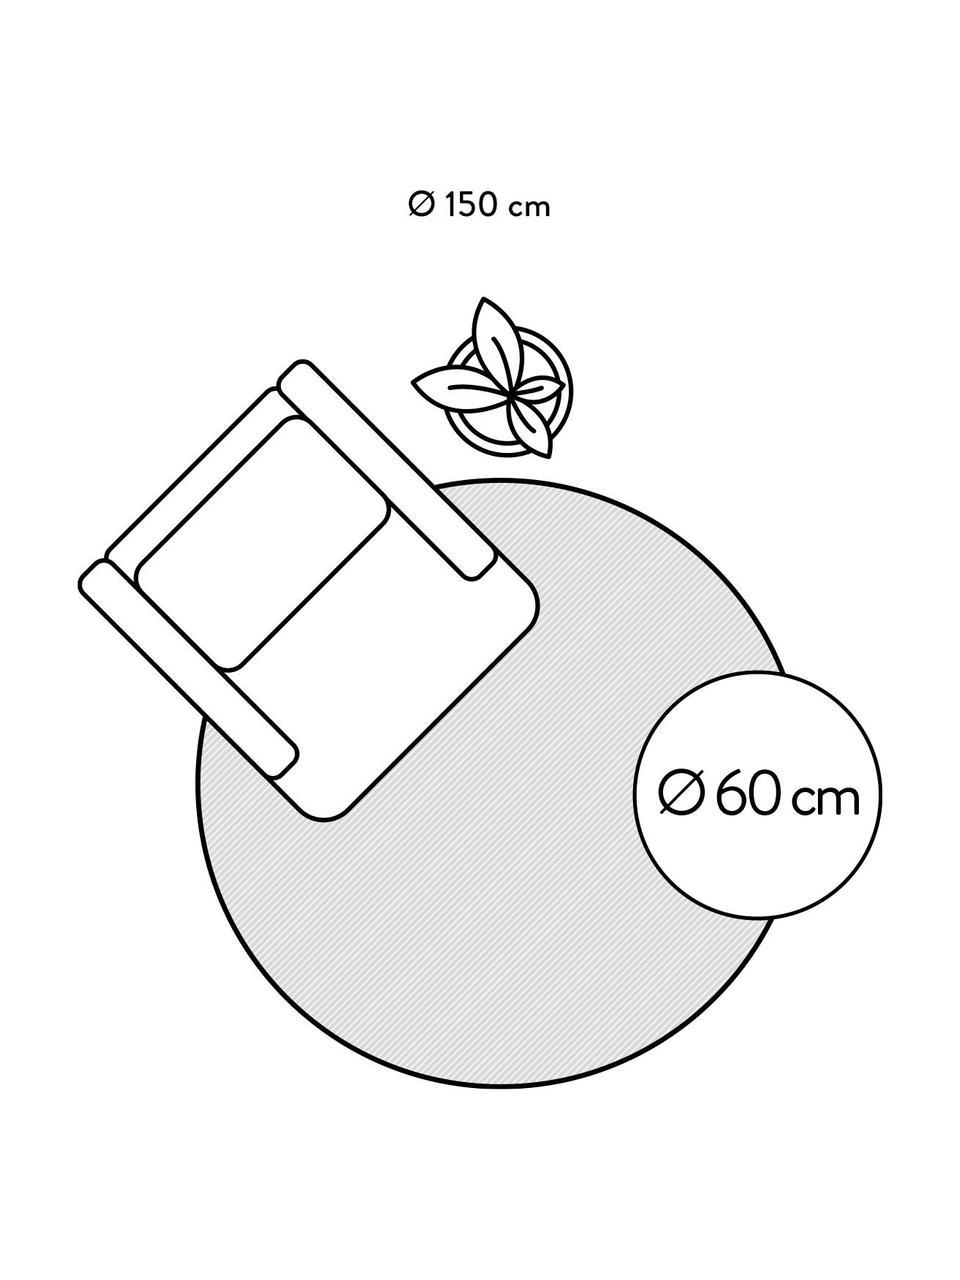 Pluizig hoogpolig vloerkleed Cera in grijs/crèmewit, Bovenzijde: 100% polypropyleen, Onderzijde: 78% jute, 14% katoen, 8% , Grijs, crèmewit, Ø 150 cm (maat M)